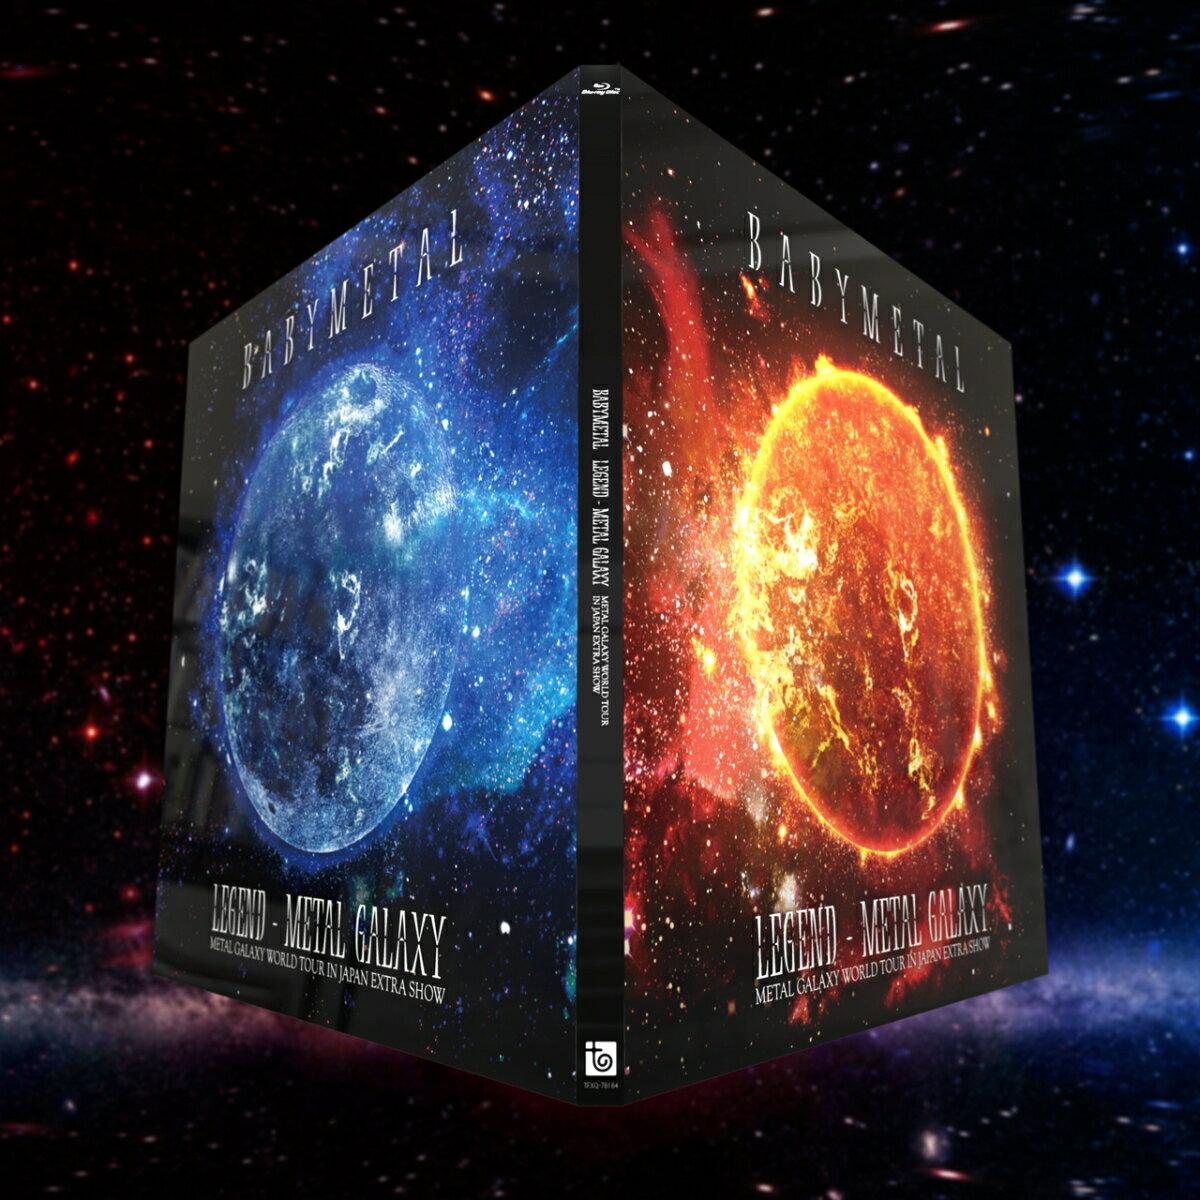 ミュージック, その他 LEGEND - METAL GALAXY (METAL GALAXY WORLD TOUR IN JAPAN EXTRA SHOW) ()Blu-ray BABYMETAL